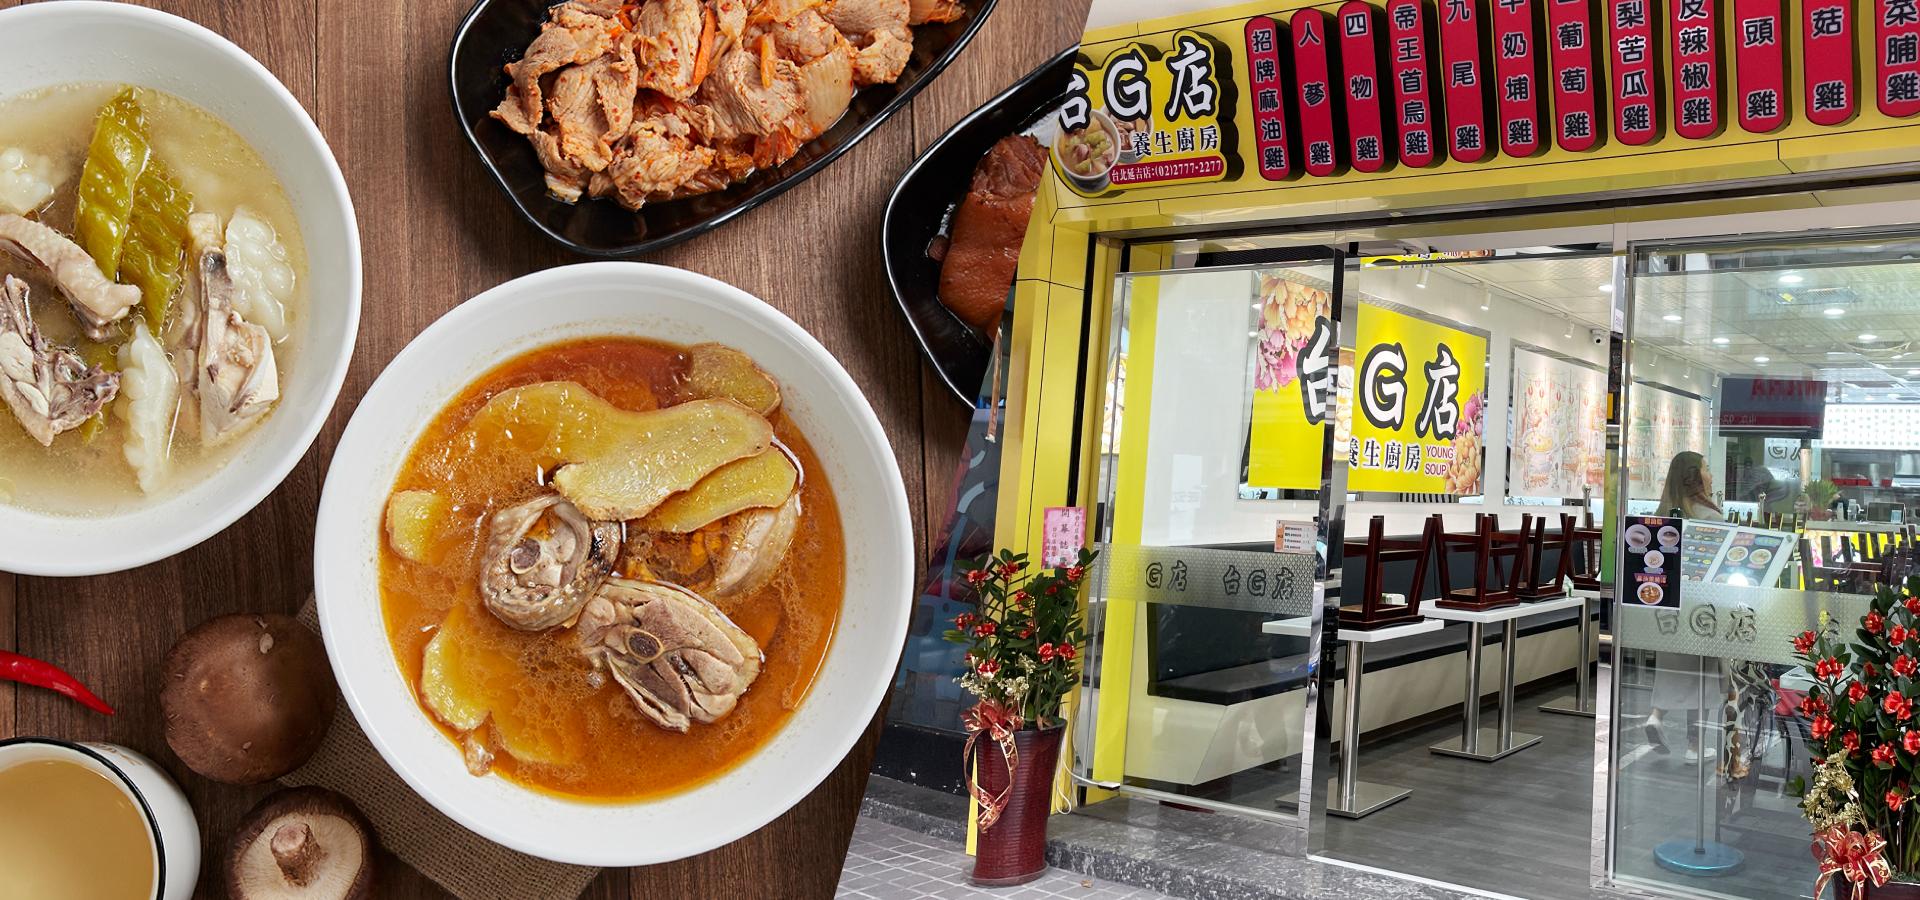 【台北大安】台G店:大份又美味的麻油雞與各式燉品,涼麵與小菜也大推,入座後手機點餐!-ume掃碼點餐